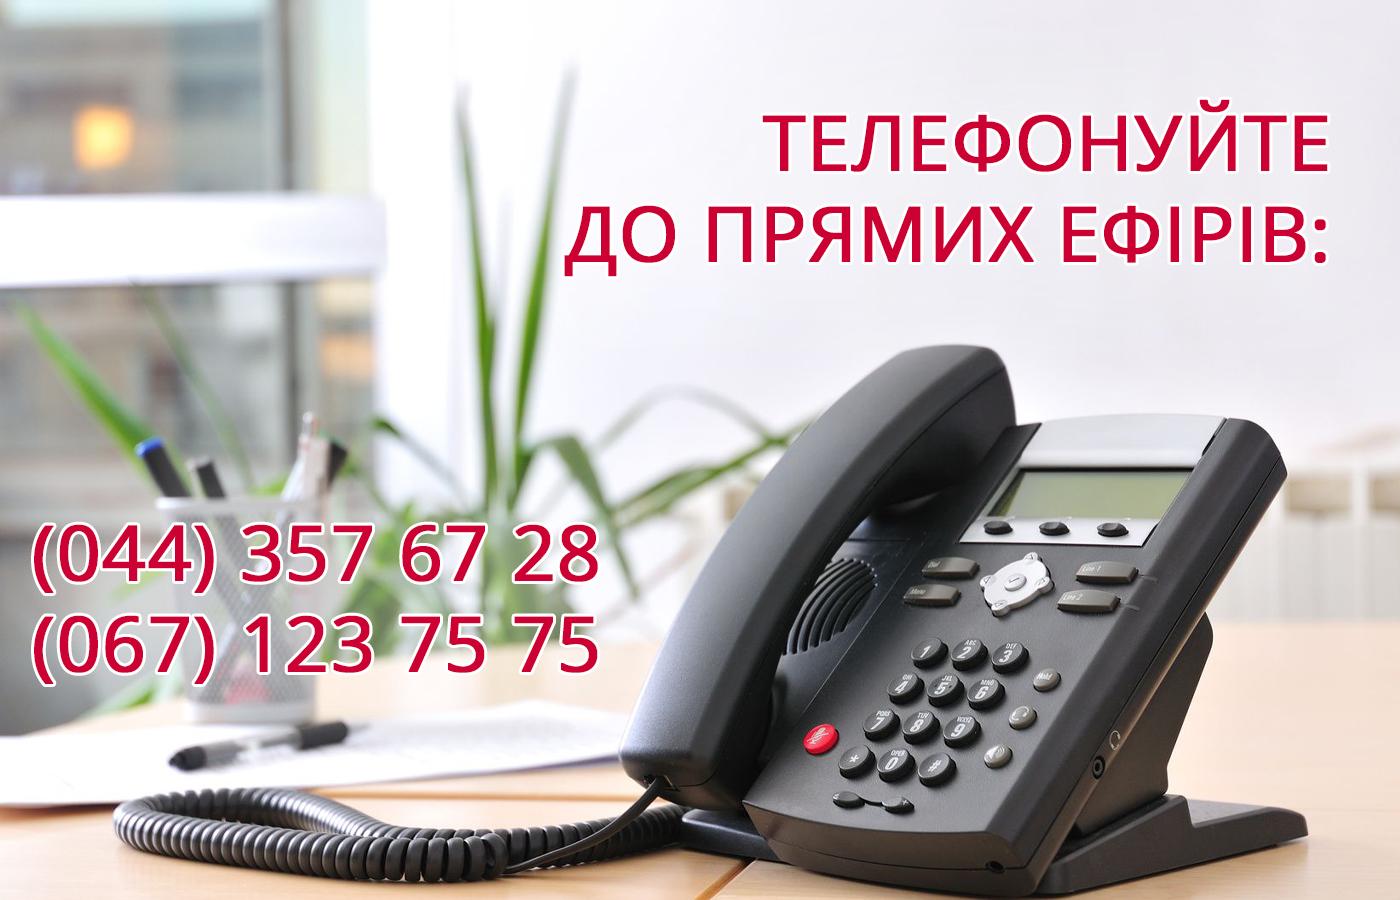 Контакти-2021